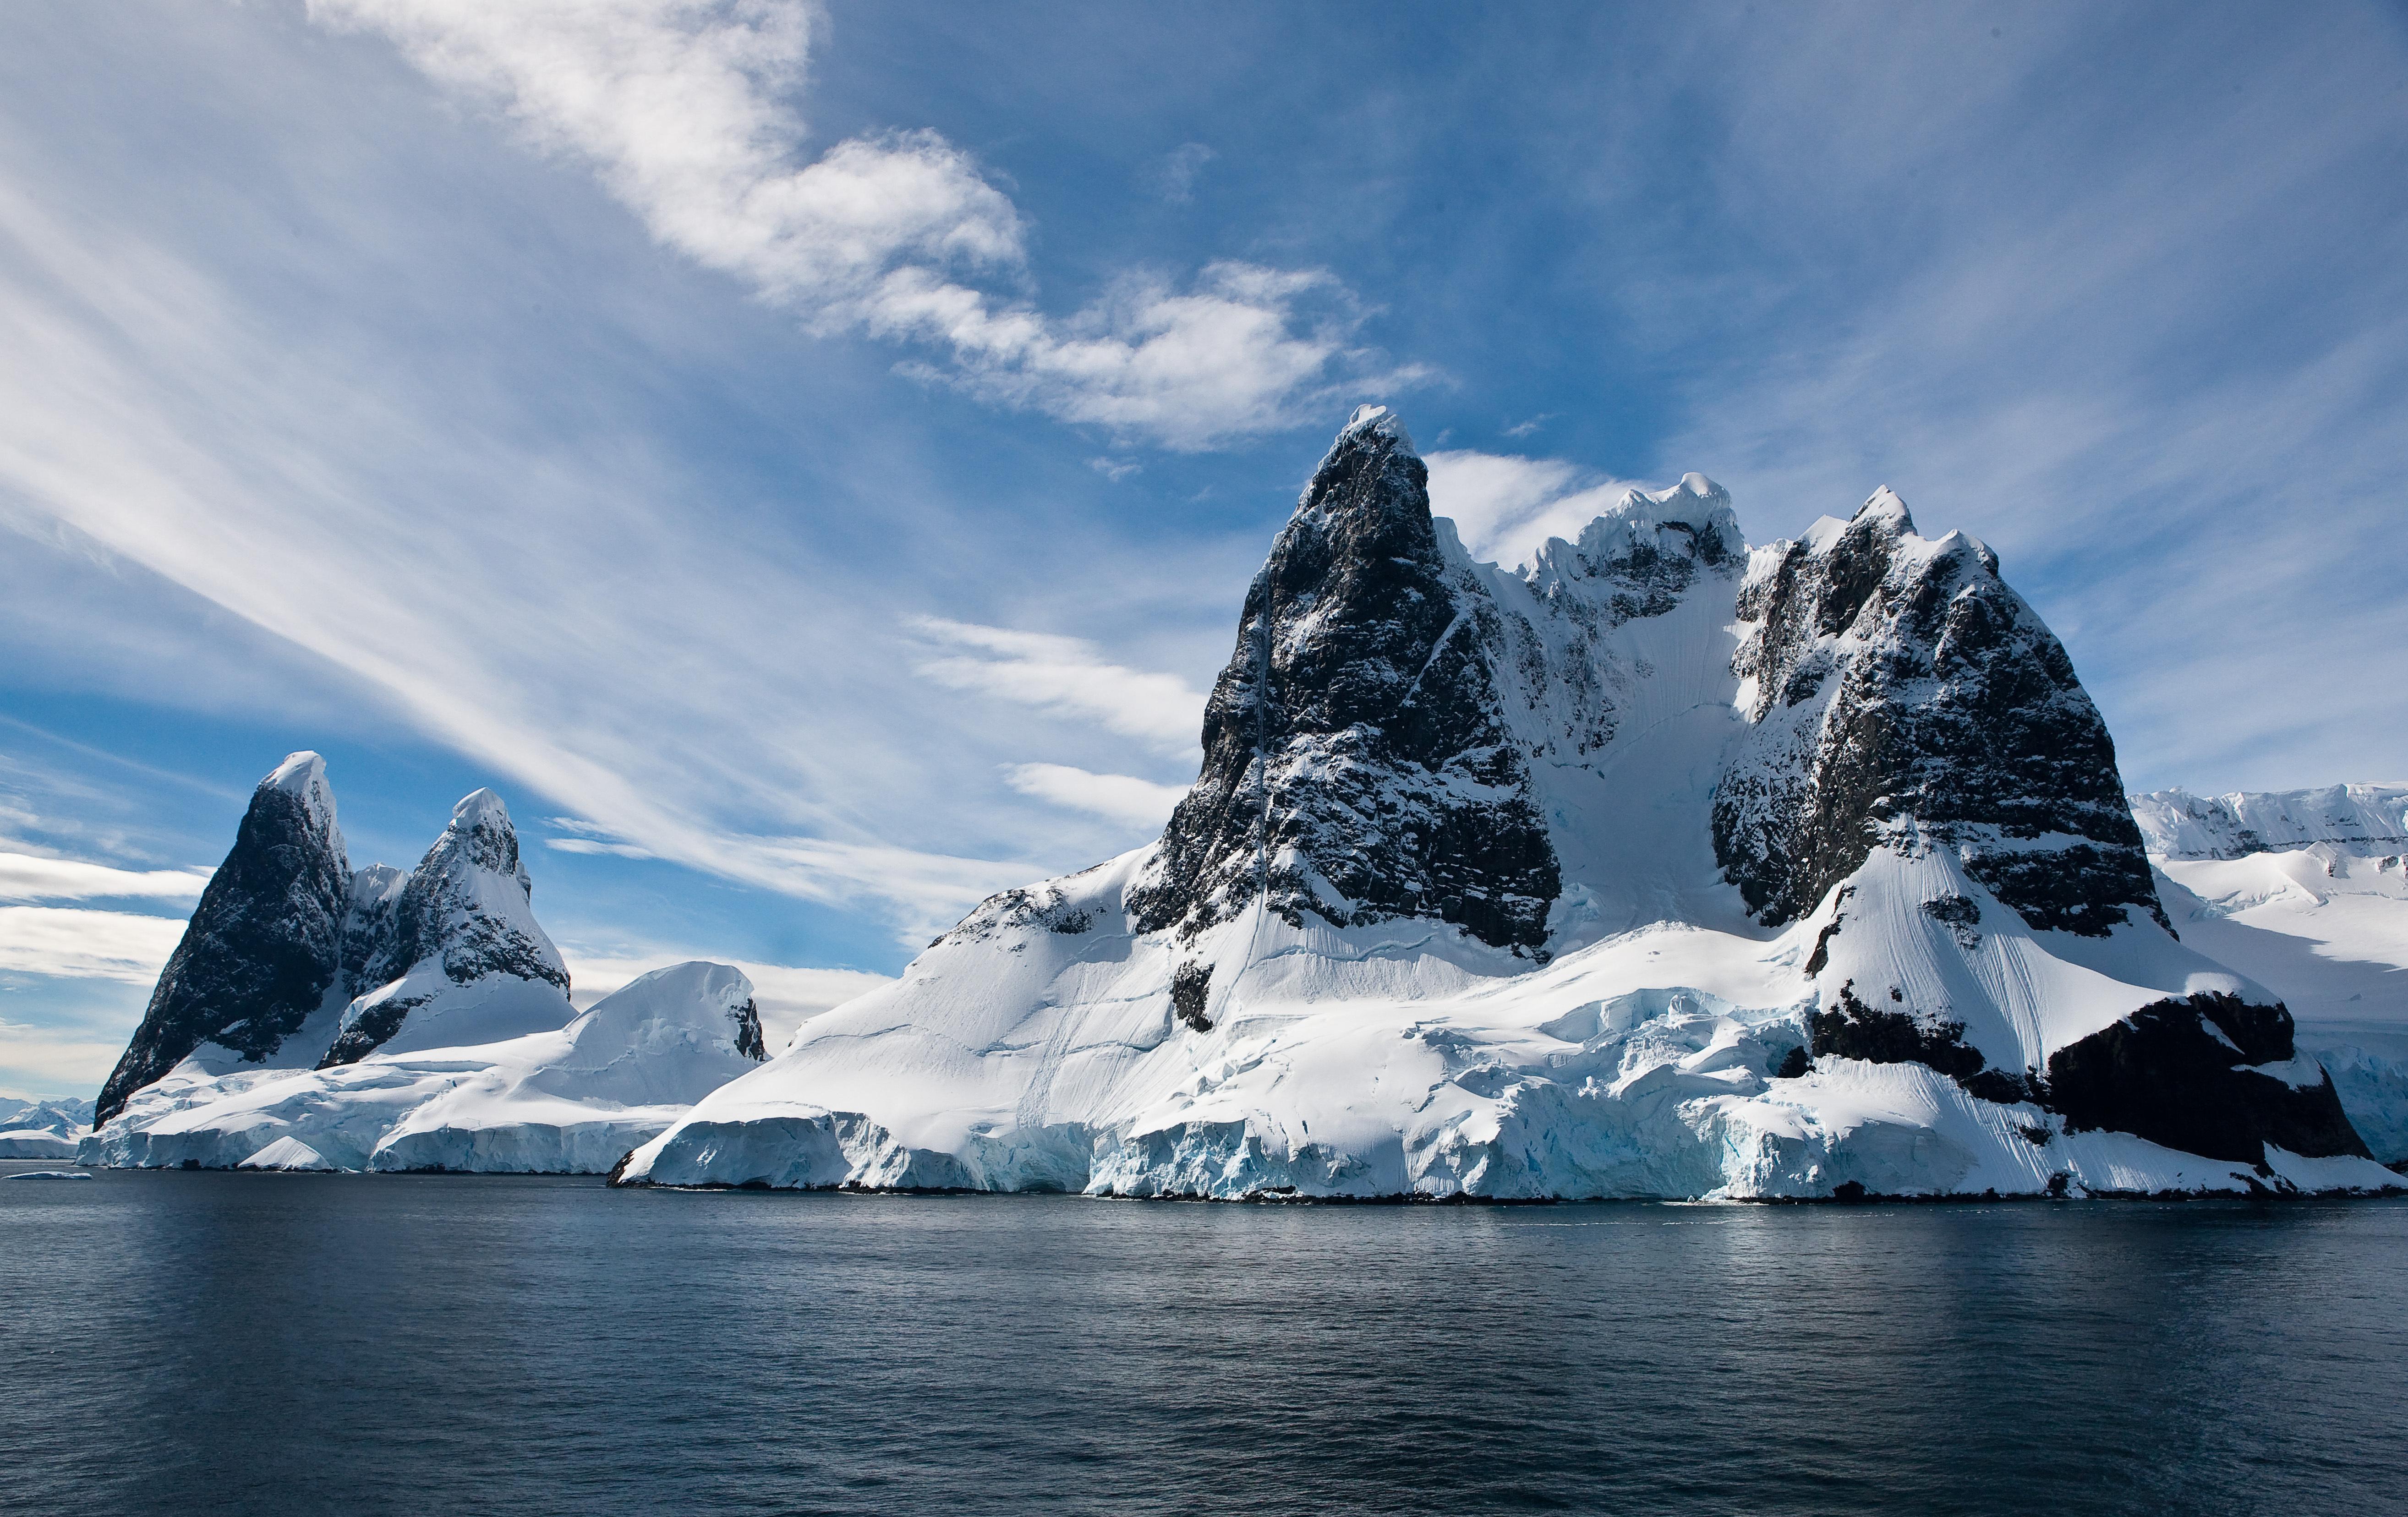 природа скалы горы снег nature rock mountains snow скачать